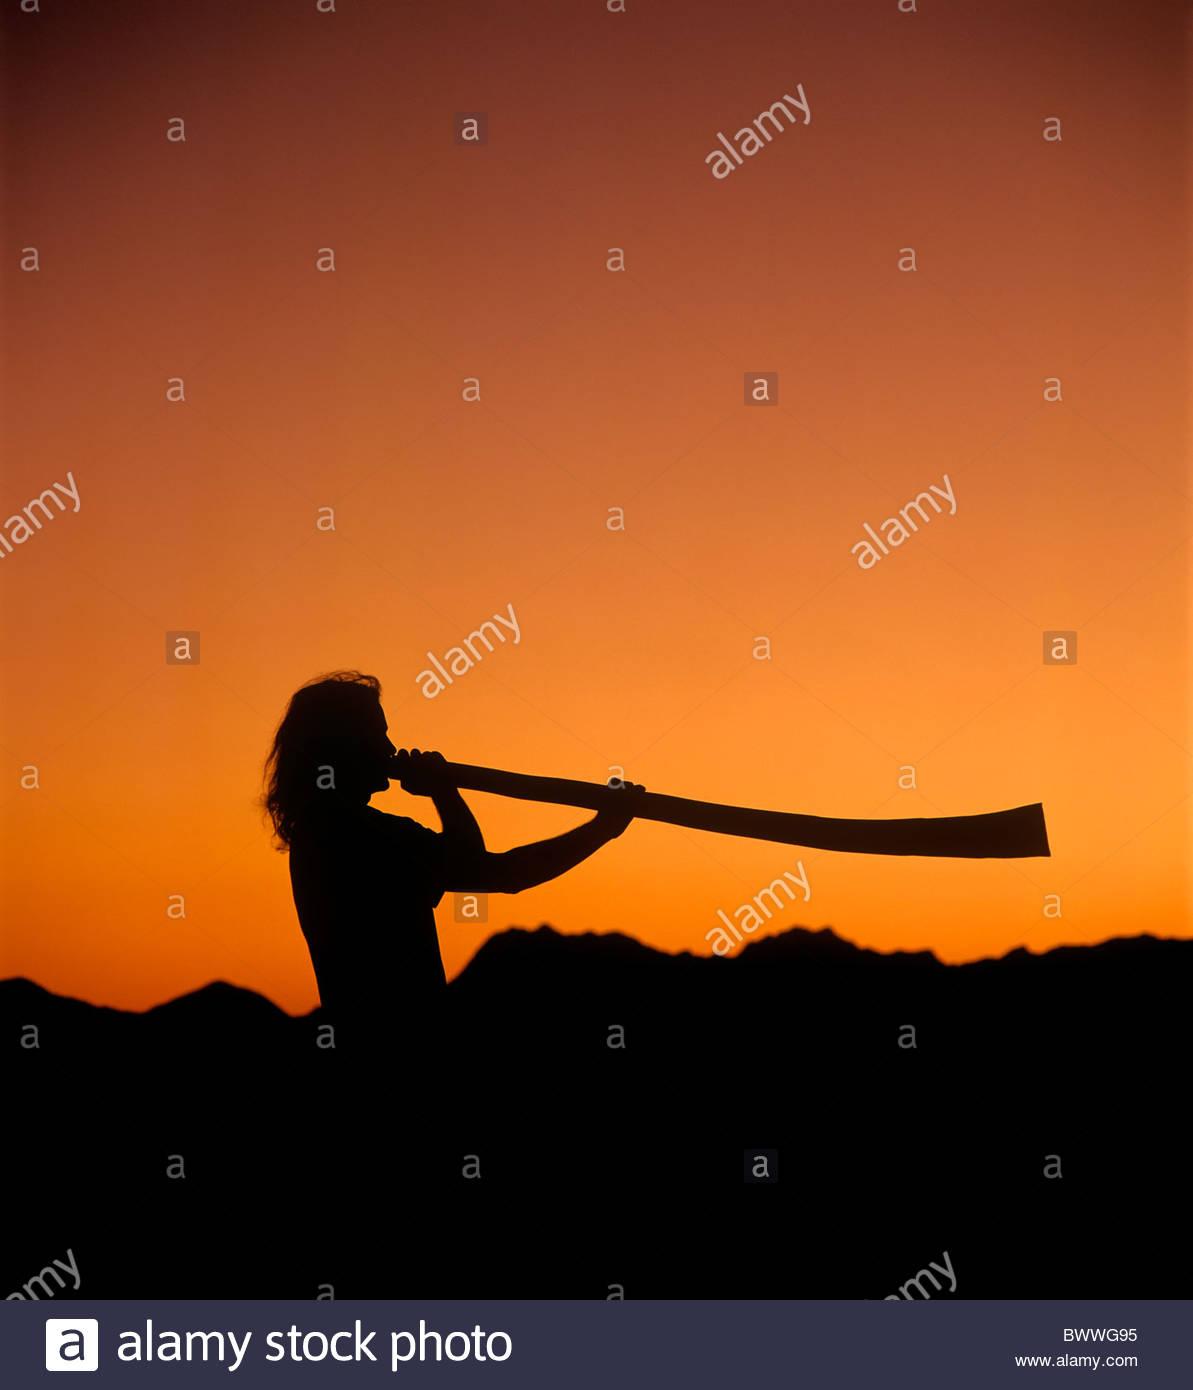 El hombre desempeña un didgeridoo al atardecer con Tucson con montañas al fondo la silueta de color naranja y negro Foto de stock